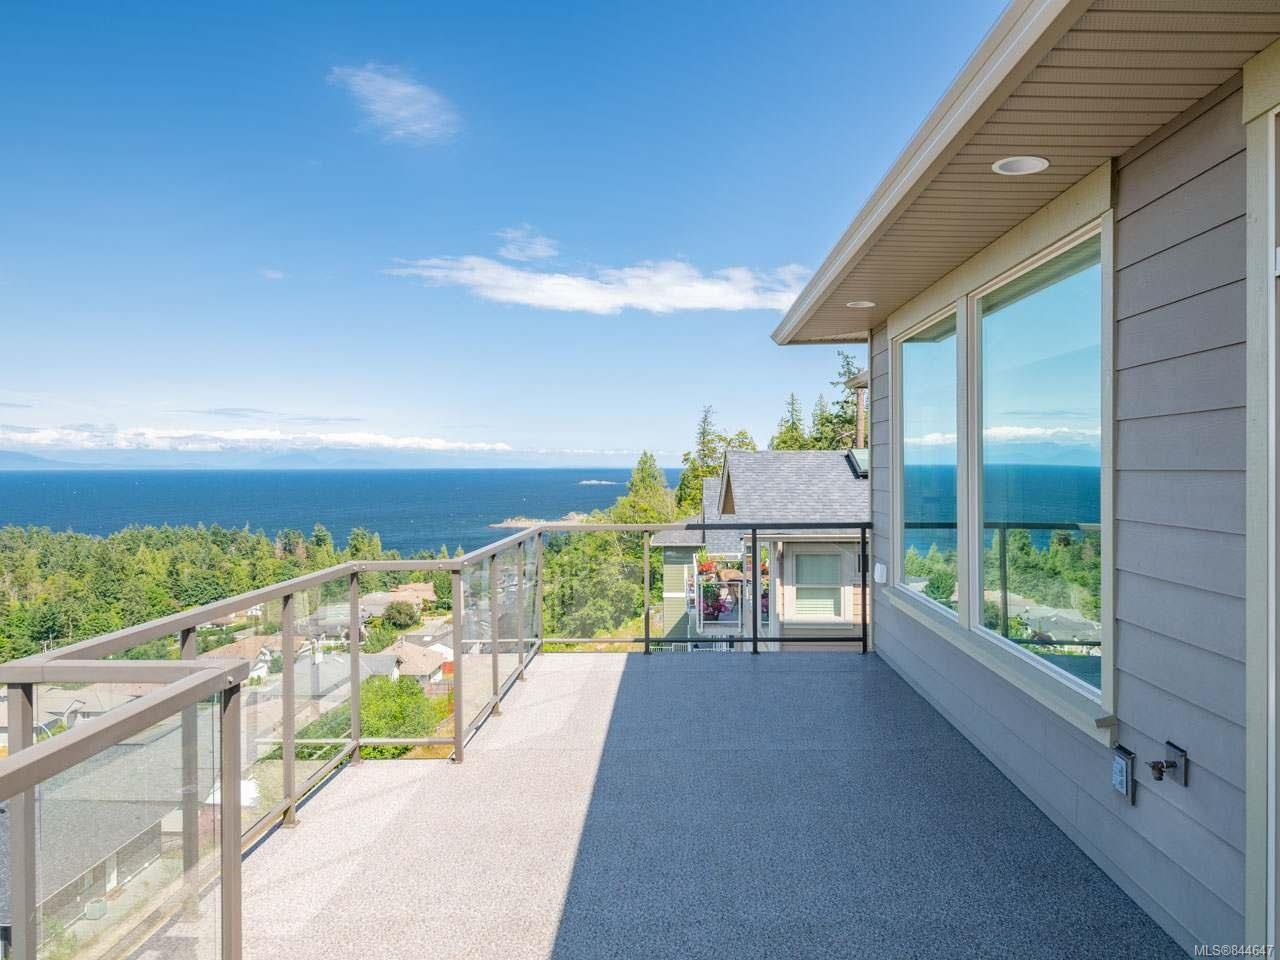 Photo 44: Photos: 4576 Laguna Way in NANAIMO: Na North Nanaimo House for sale (Nanaimo)  : MLS®# 844647